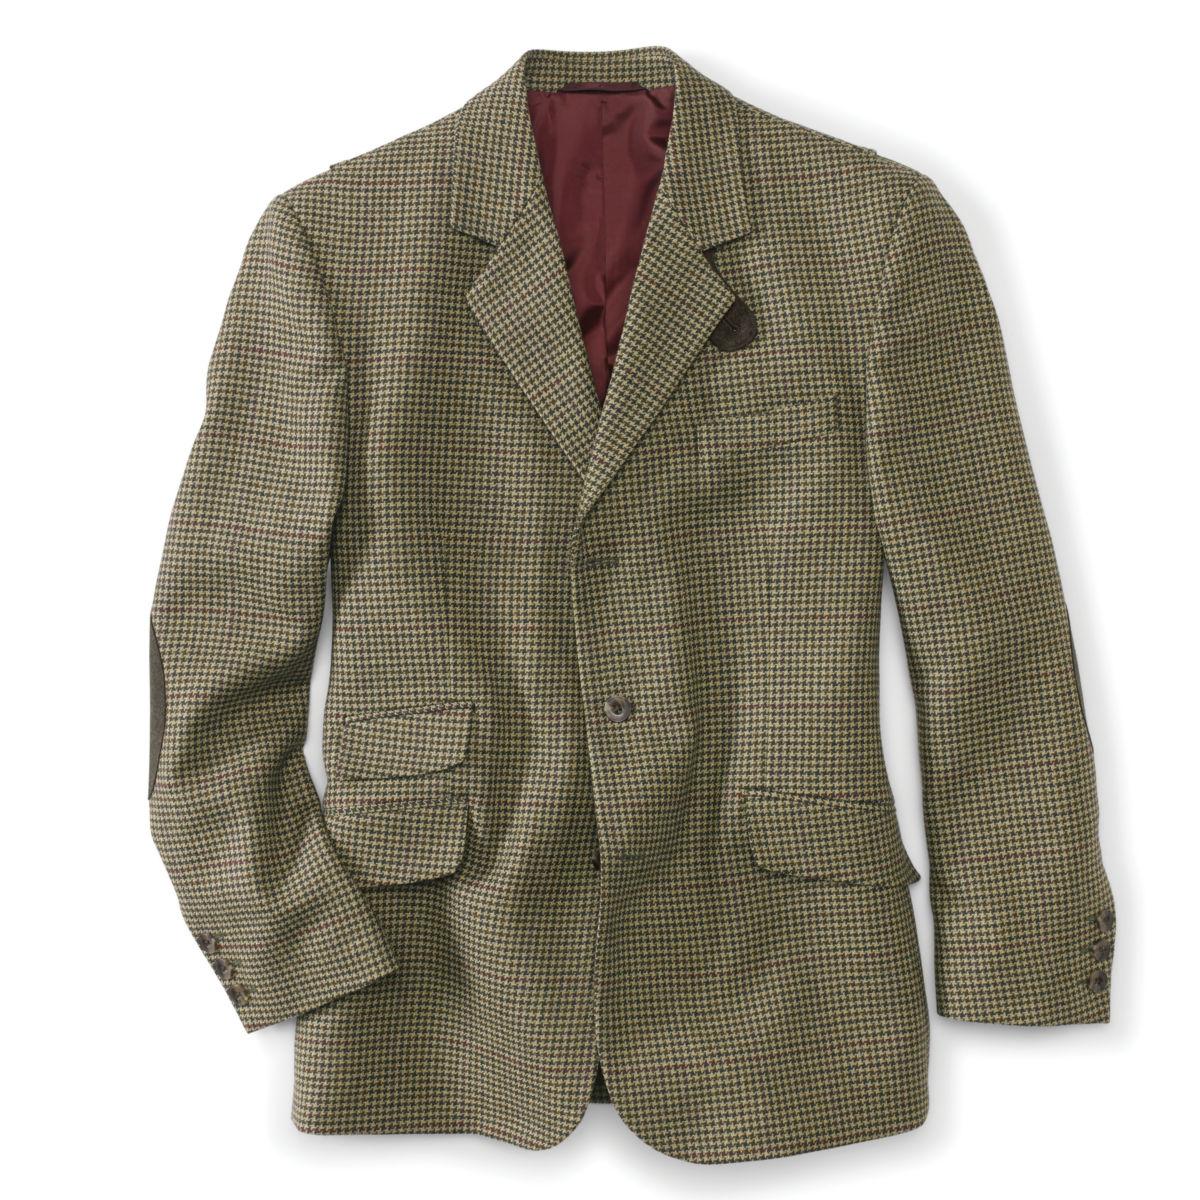 Tweed Field Sports Jacket - AINSLEYimage number 0